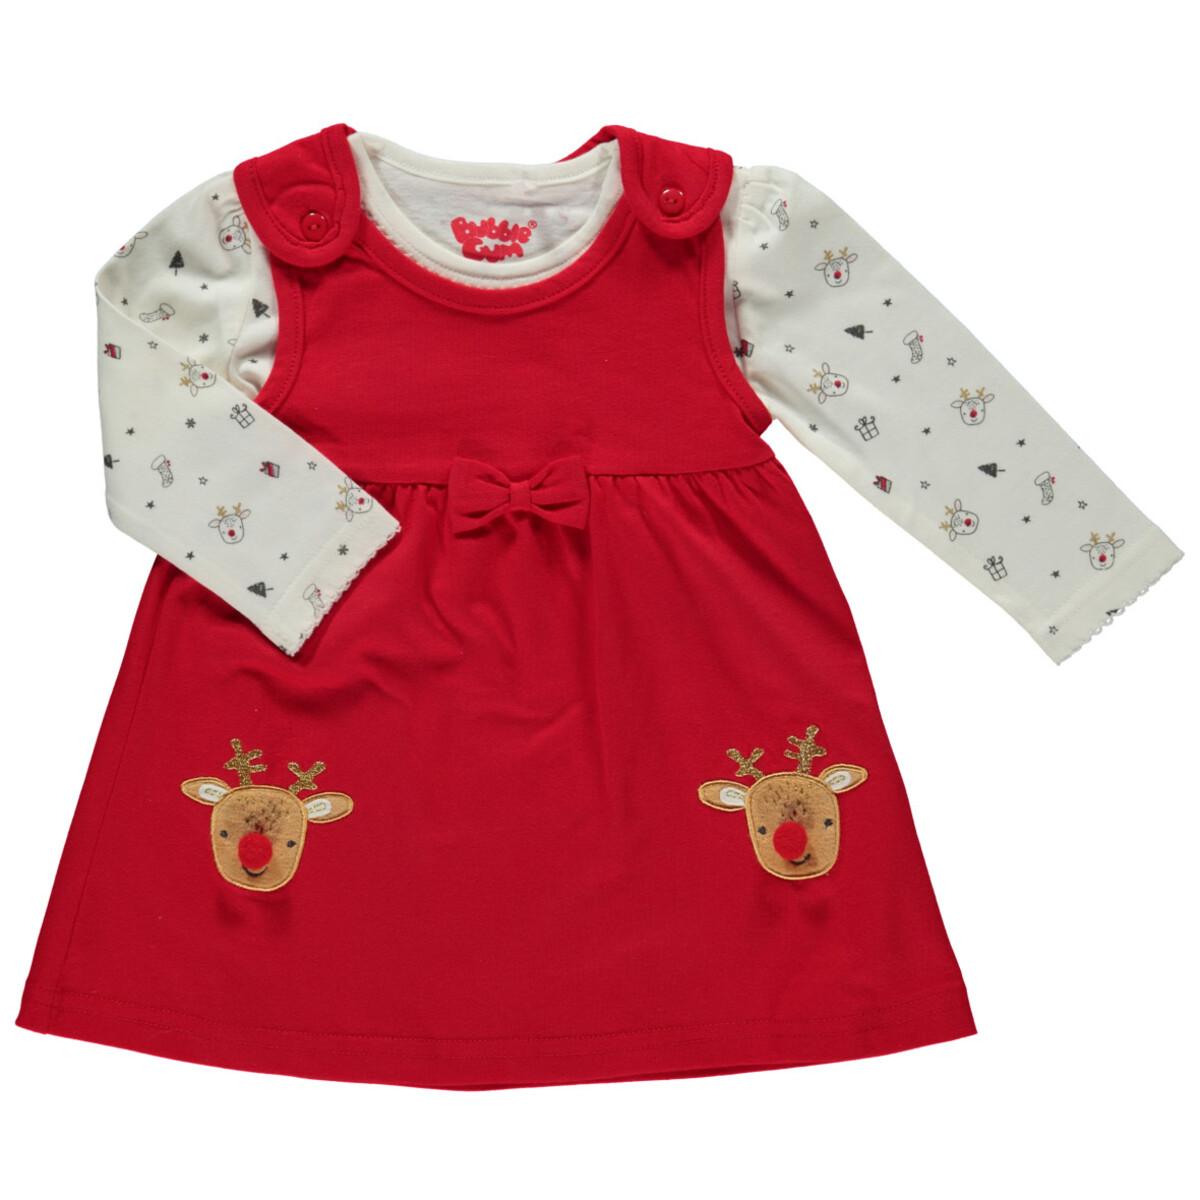 Bild 1 von Baby Set, best. aus Langarmshirt und Kleid